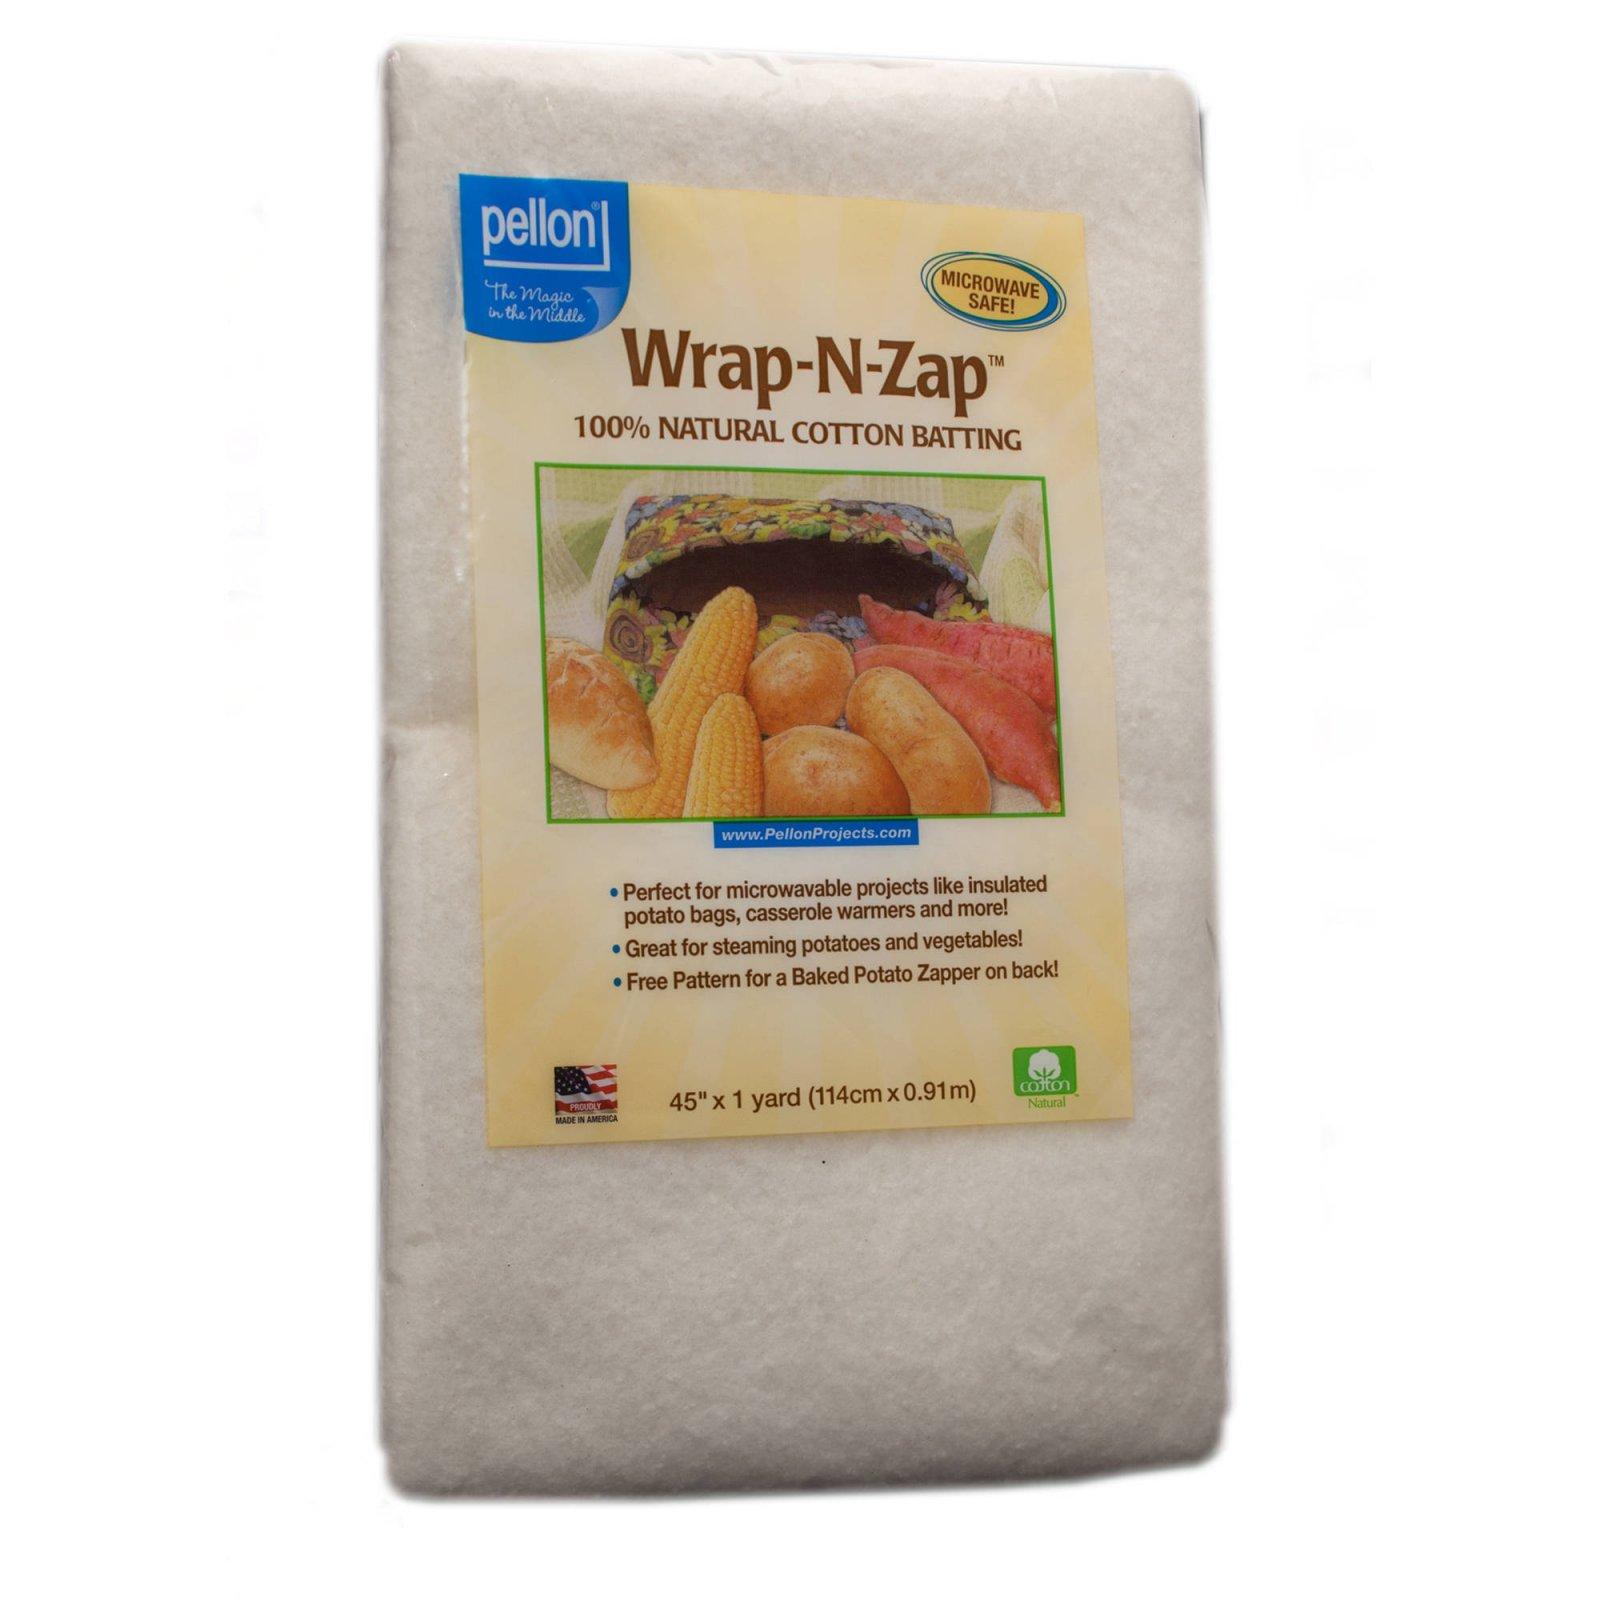 Wrap-N-Zap 100% Natural Cotton Batting